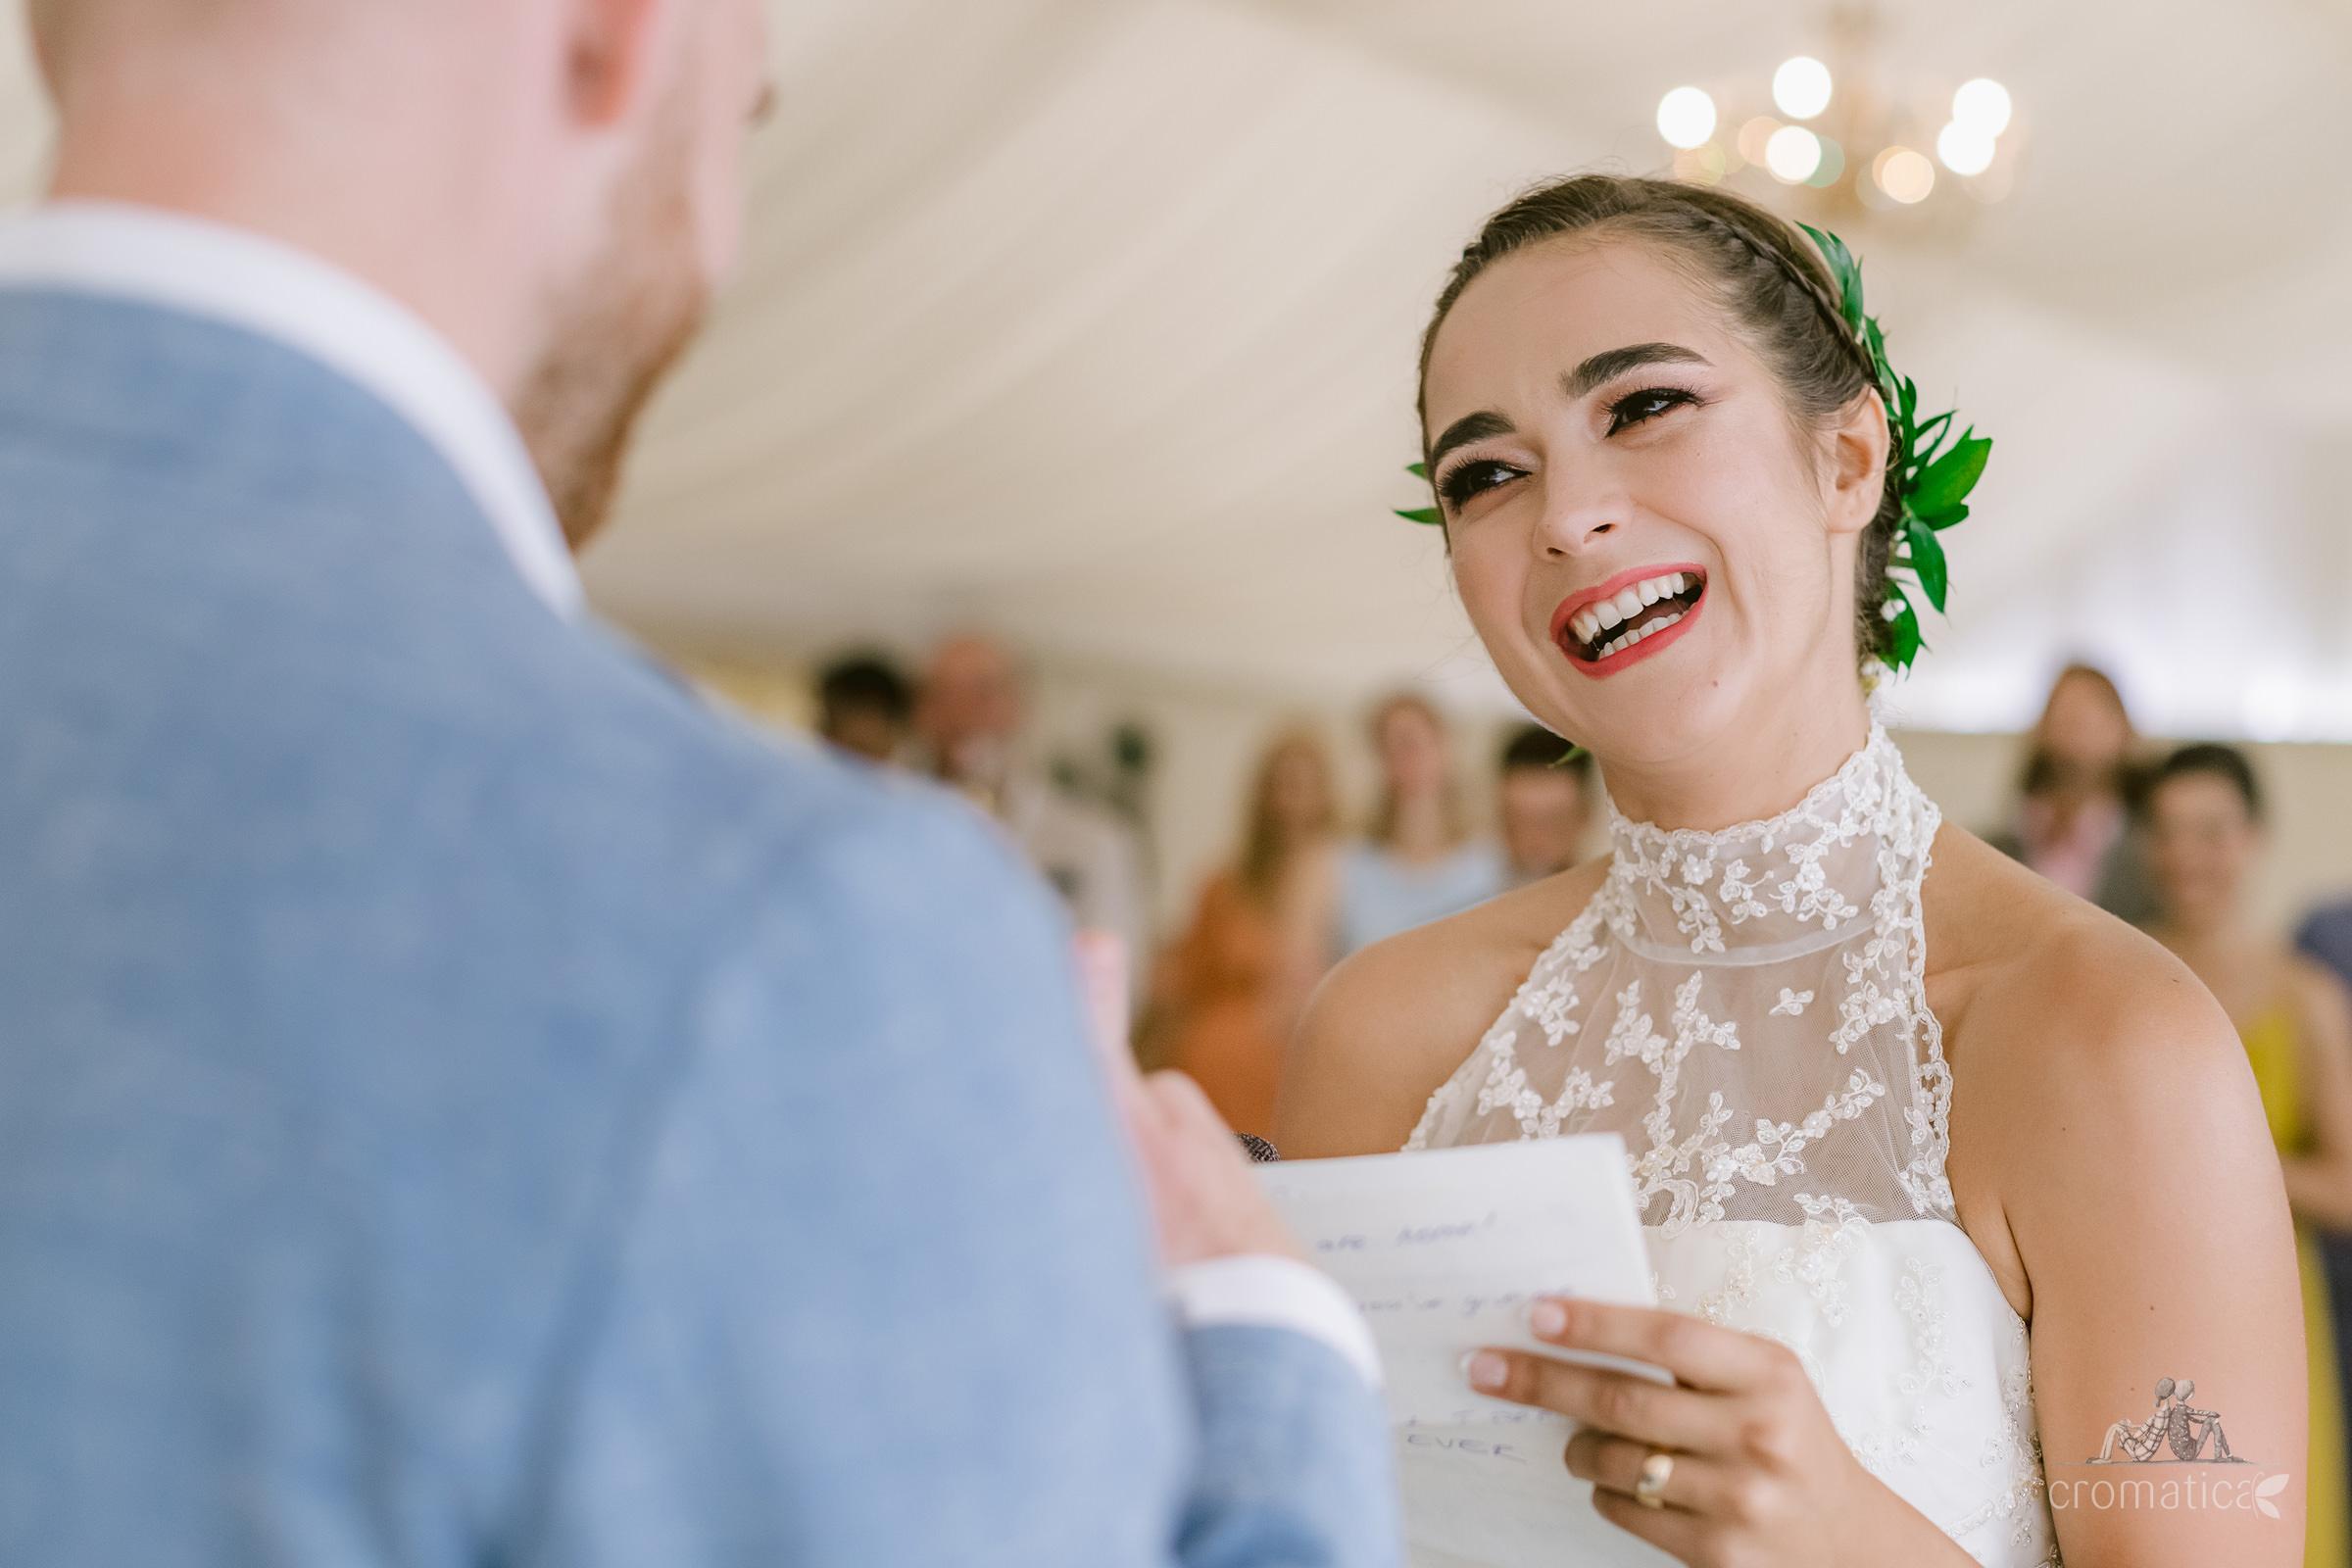 georgiana robert fotografii nunta casa vlasia 057